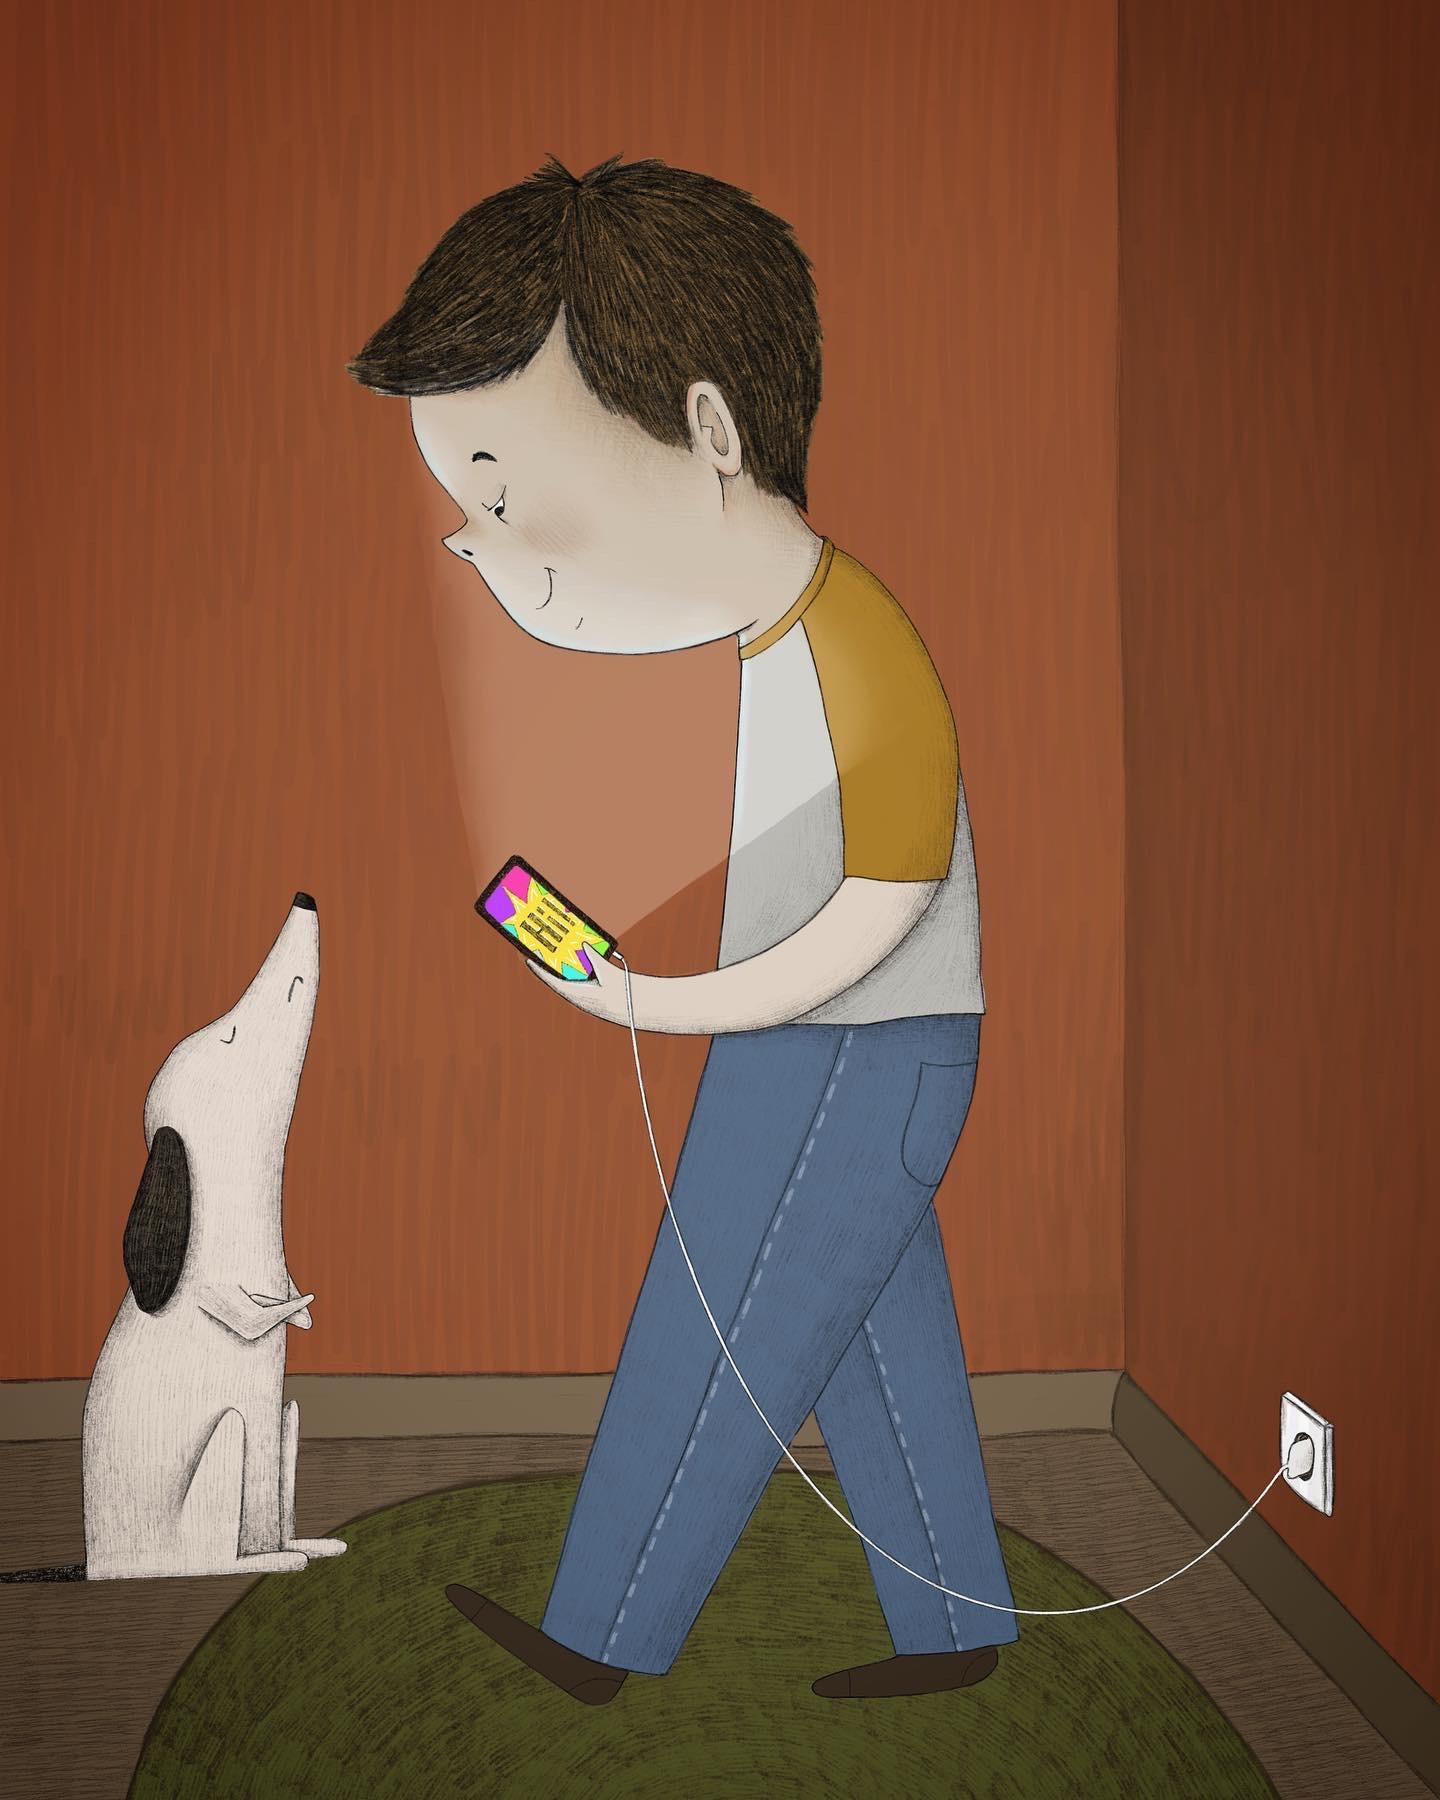 Junge, Hund und Smartphone